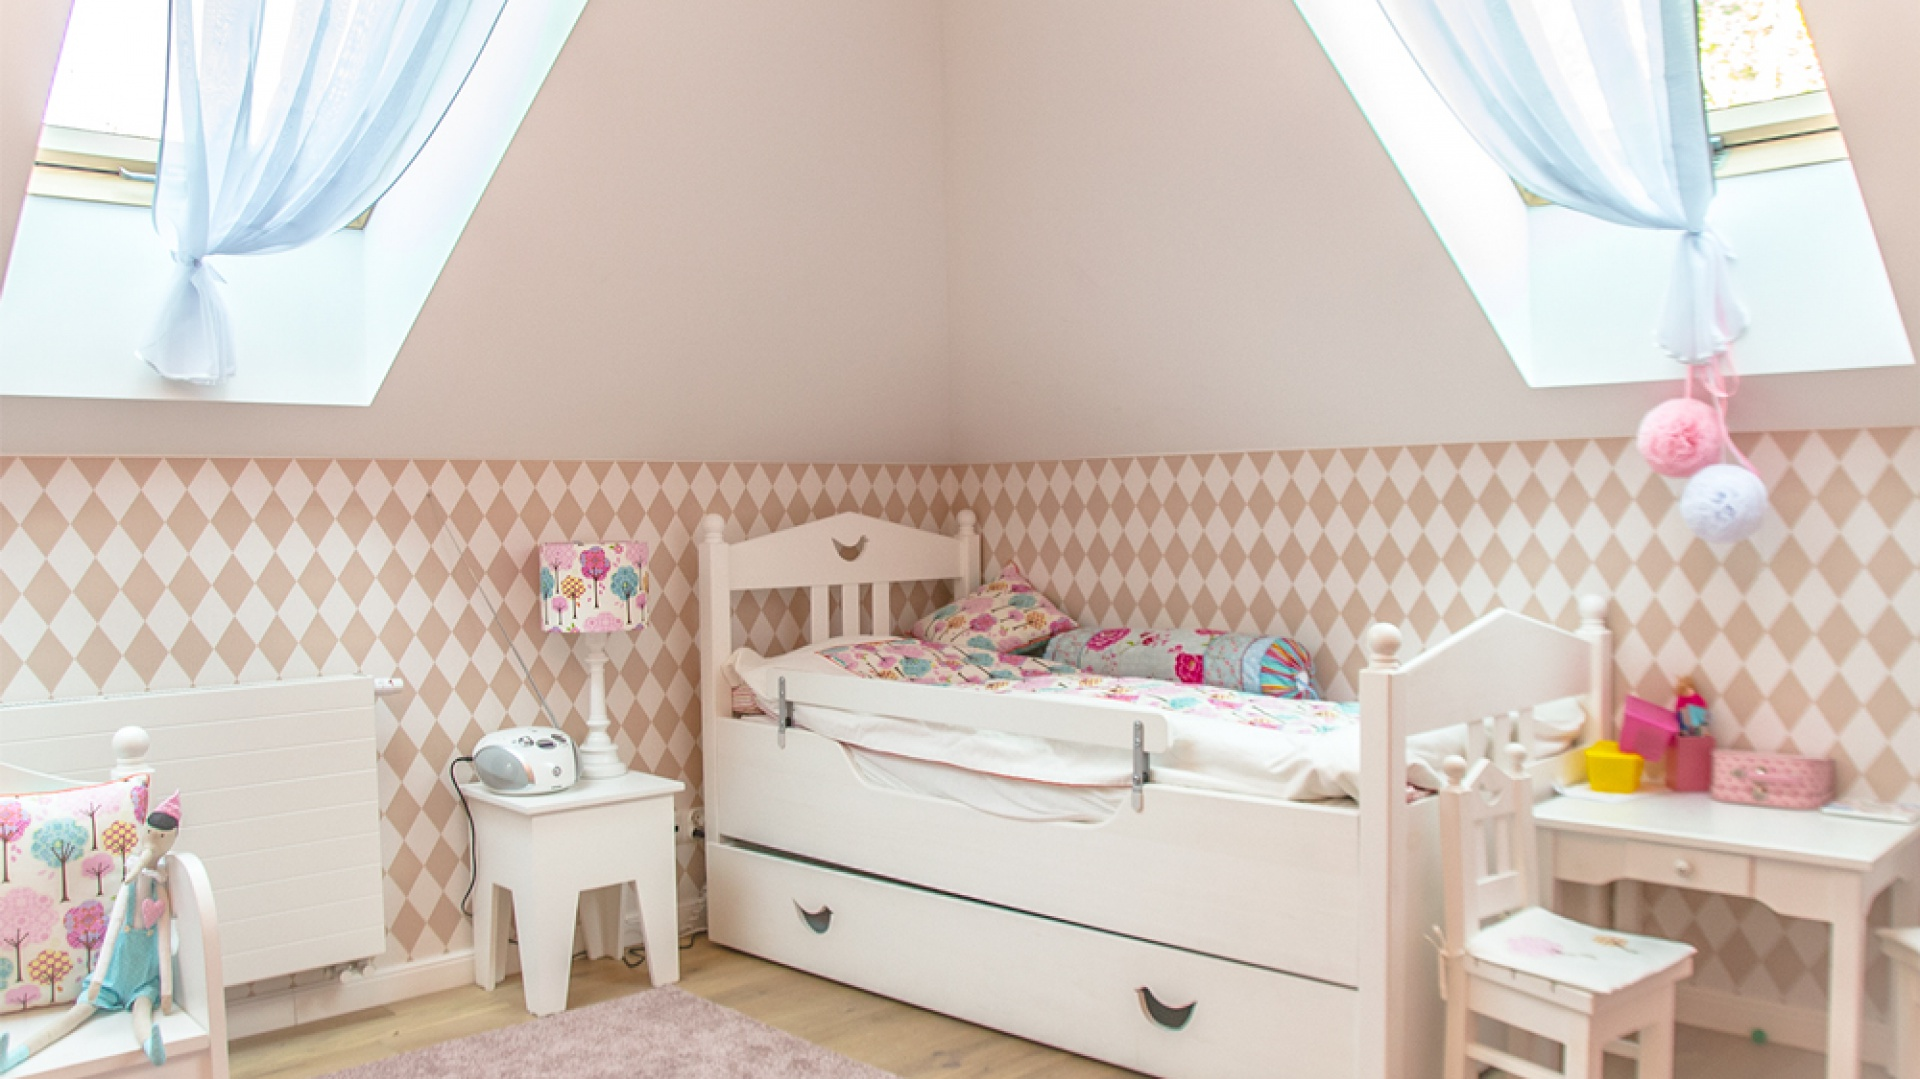 Wystrój pokoju 4-letniej Mileny jest dowodem na to, że dziecięce wnętrza nie muszą oznaczać ferii barw i dużej ilości pstrokatych dodatków. Pokój jest subtelny i elegancki, ale udało się stworzyć w nim radosny, dziecięcy klimat. MANO Architekci - Pokój Mileny zdjęcie aranżacyjne.